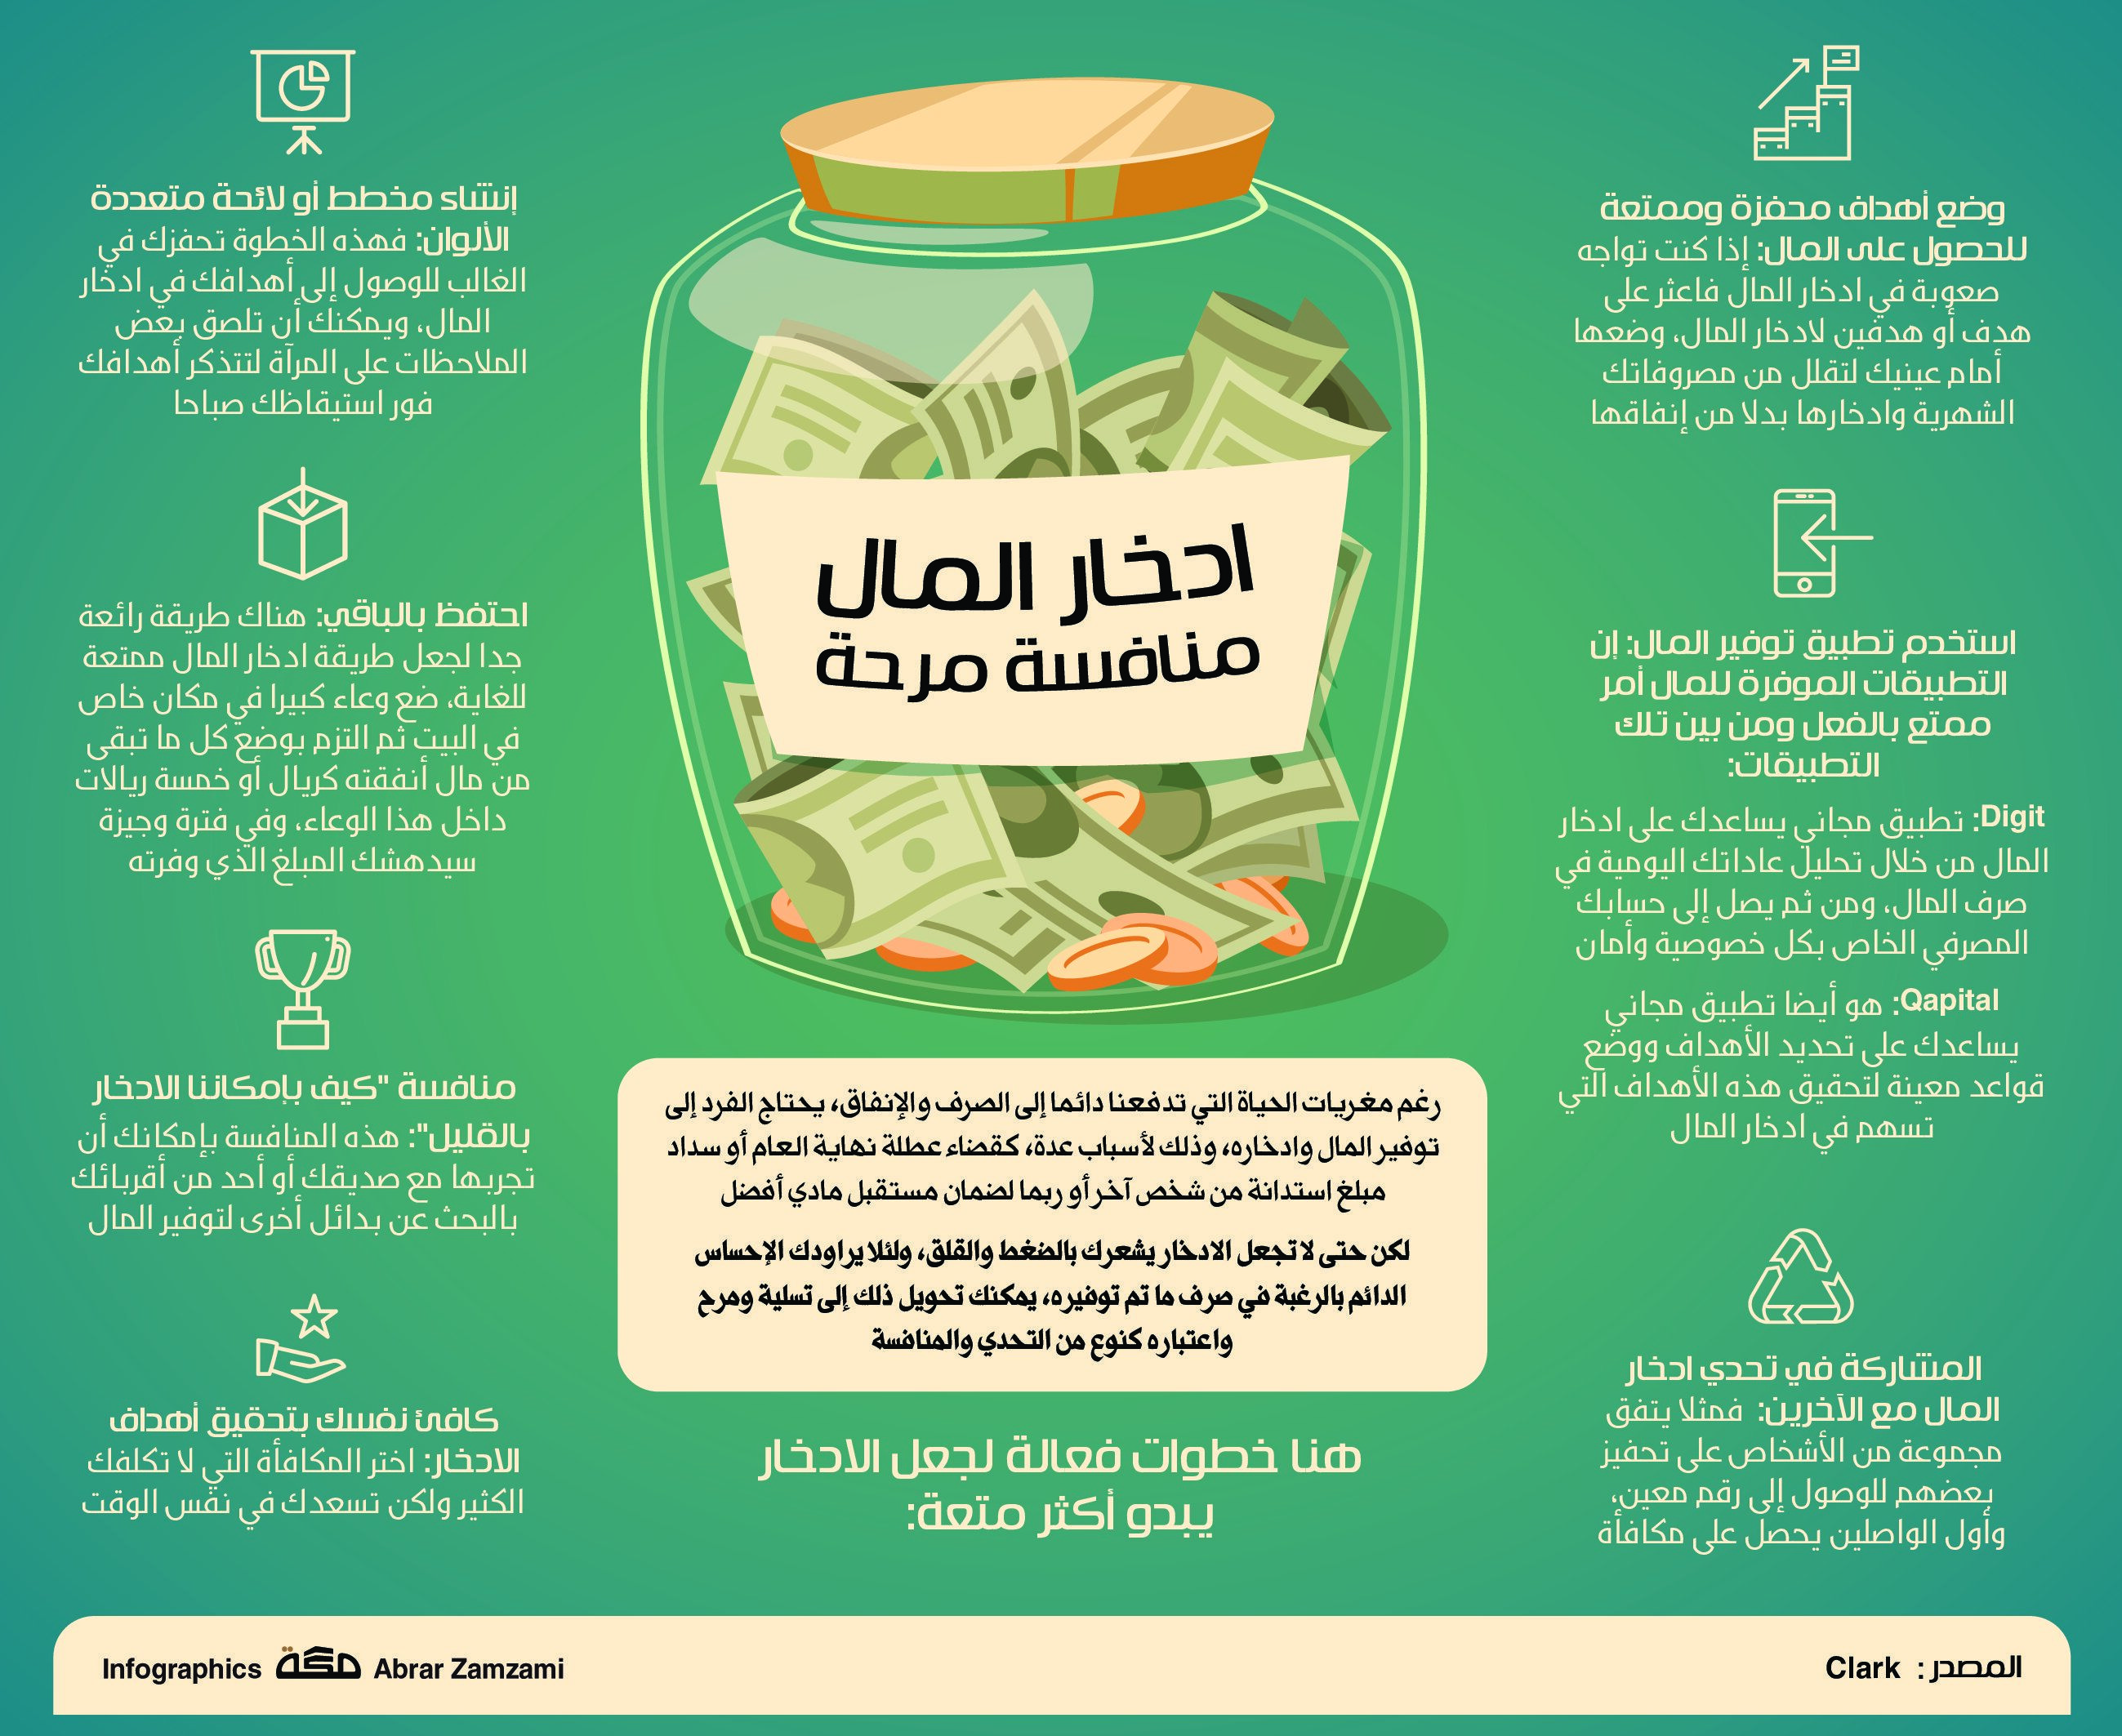 ادخار المال منافسة مرحة صحيفة مكة انفوجرافيك منوعات Infographic Lod Aia